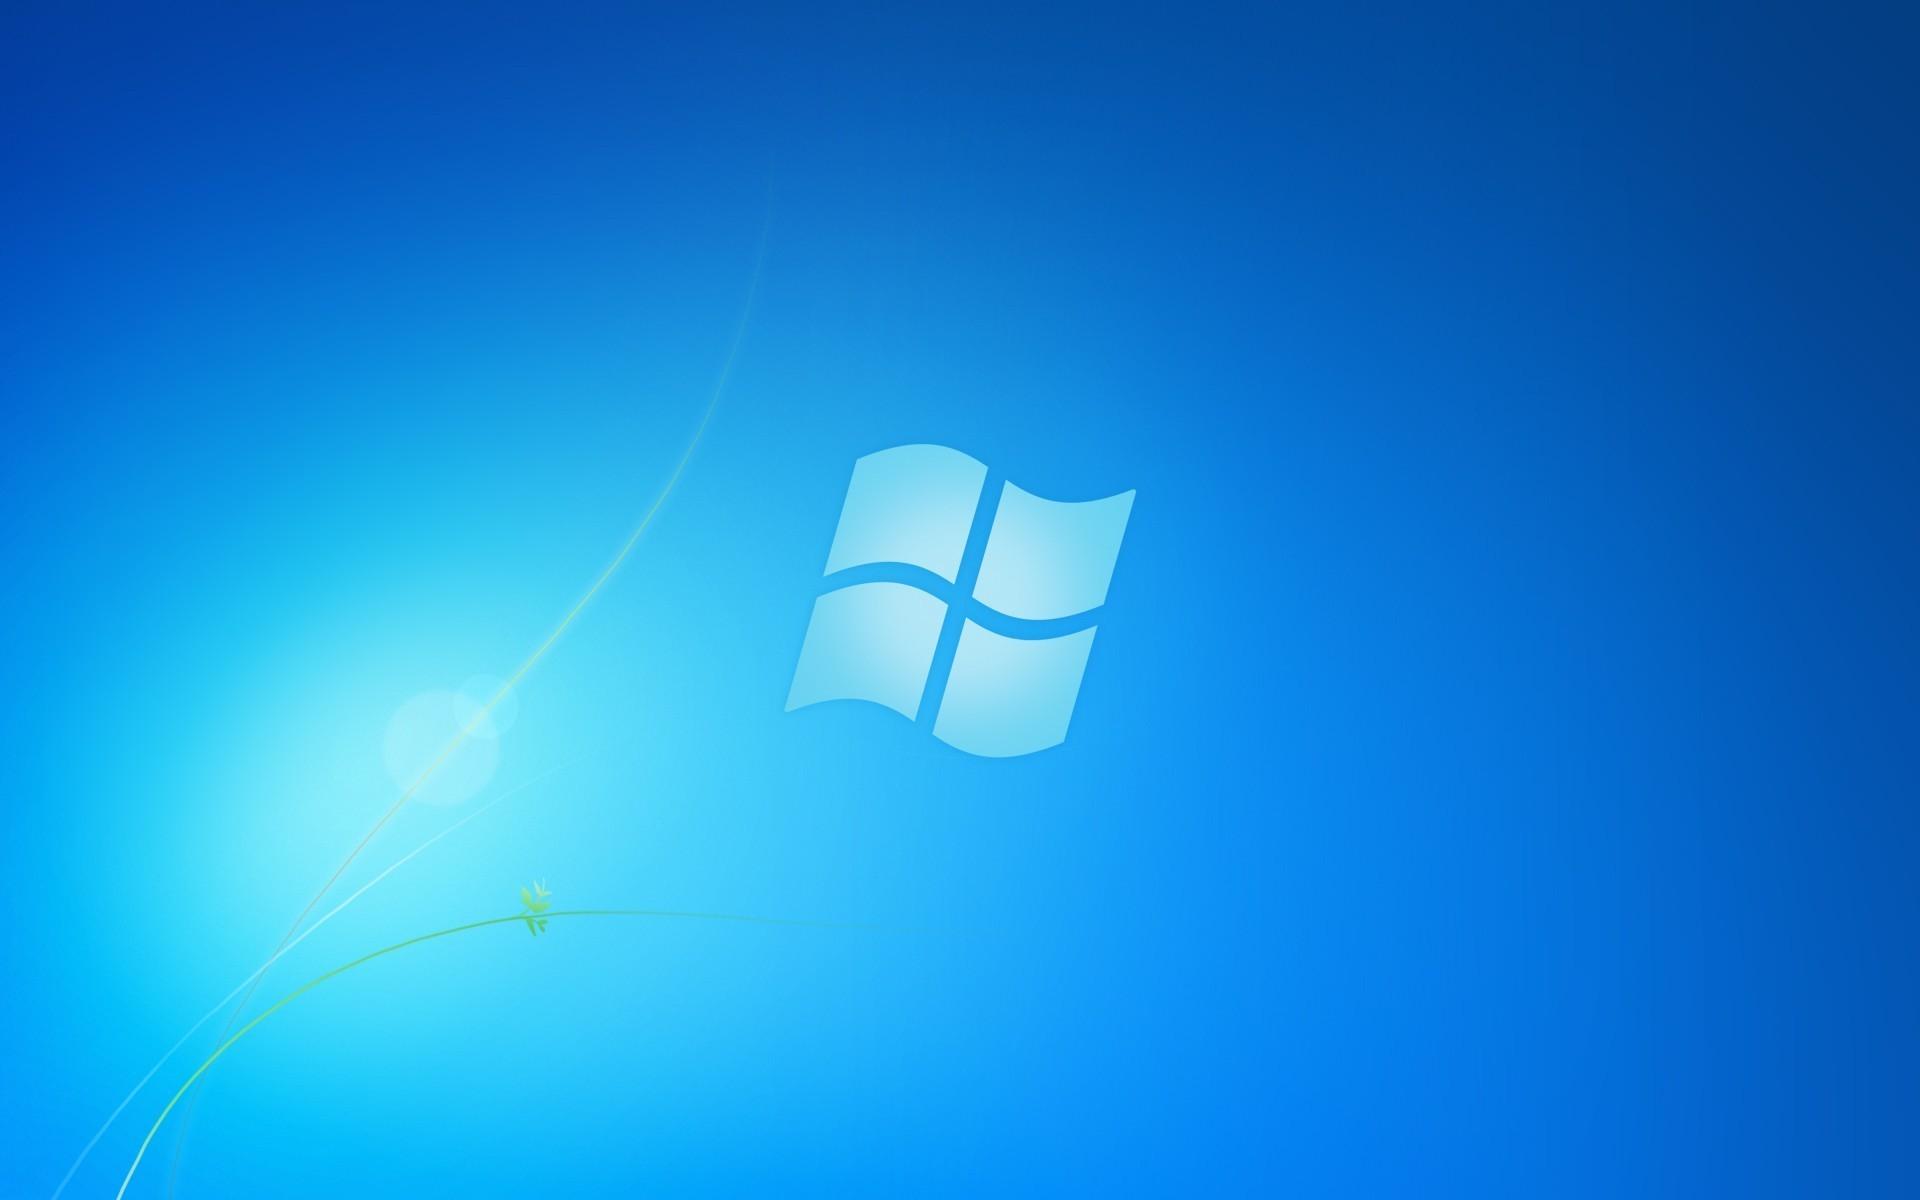 coders windows fan - photo #28